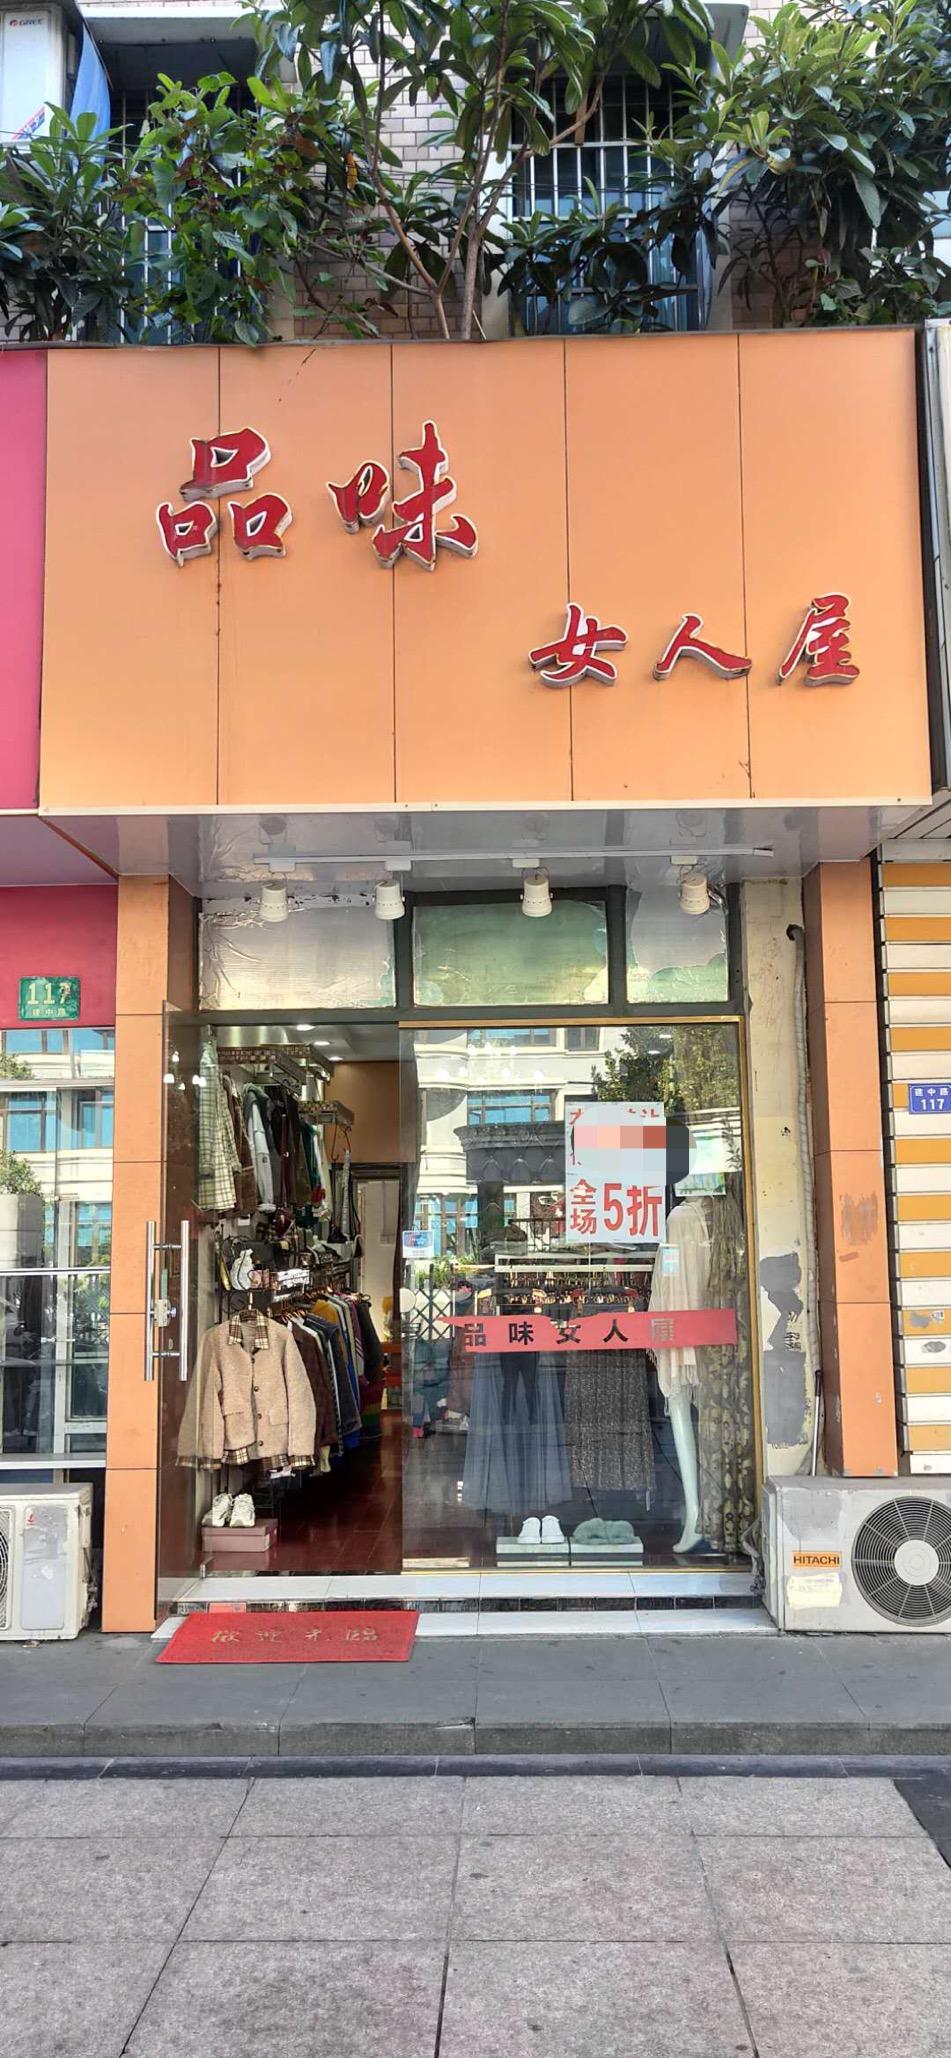 浦东张江建中路临街服装美容美甲百货餐饮小吃转让